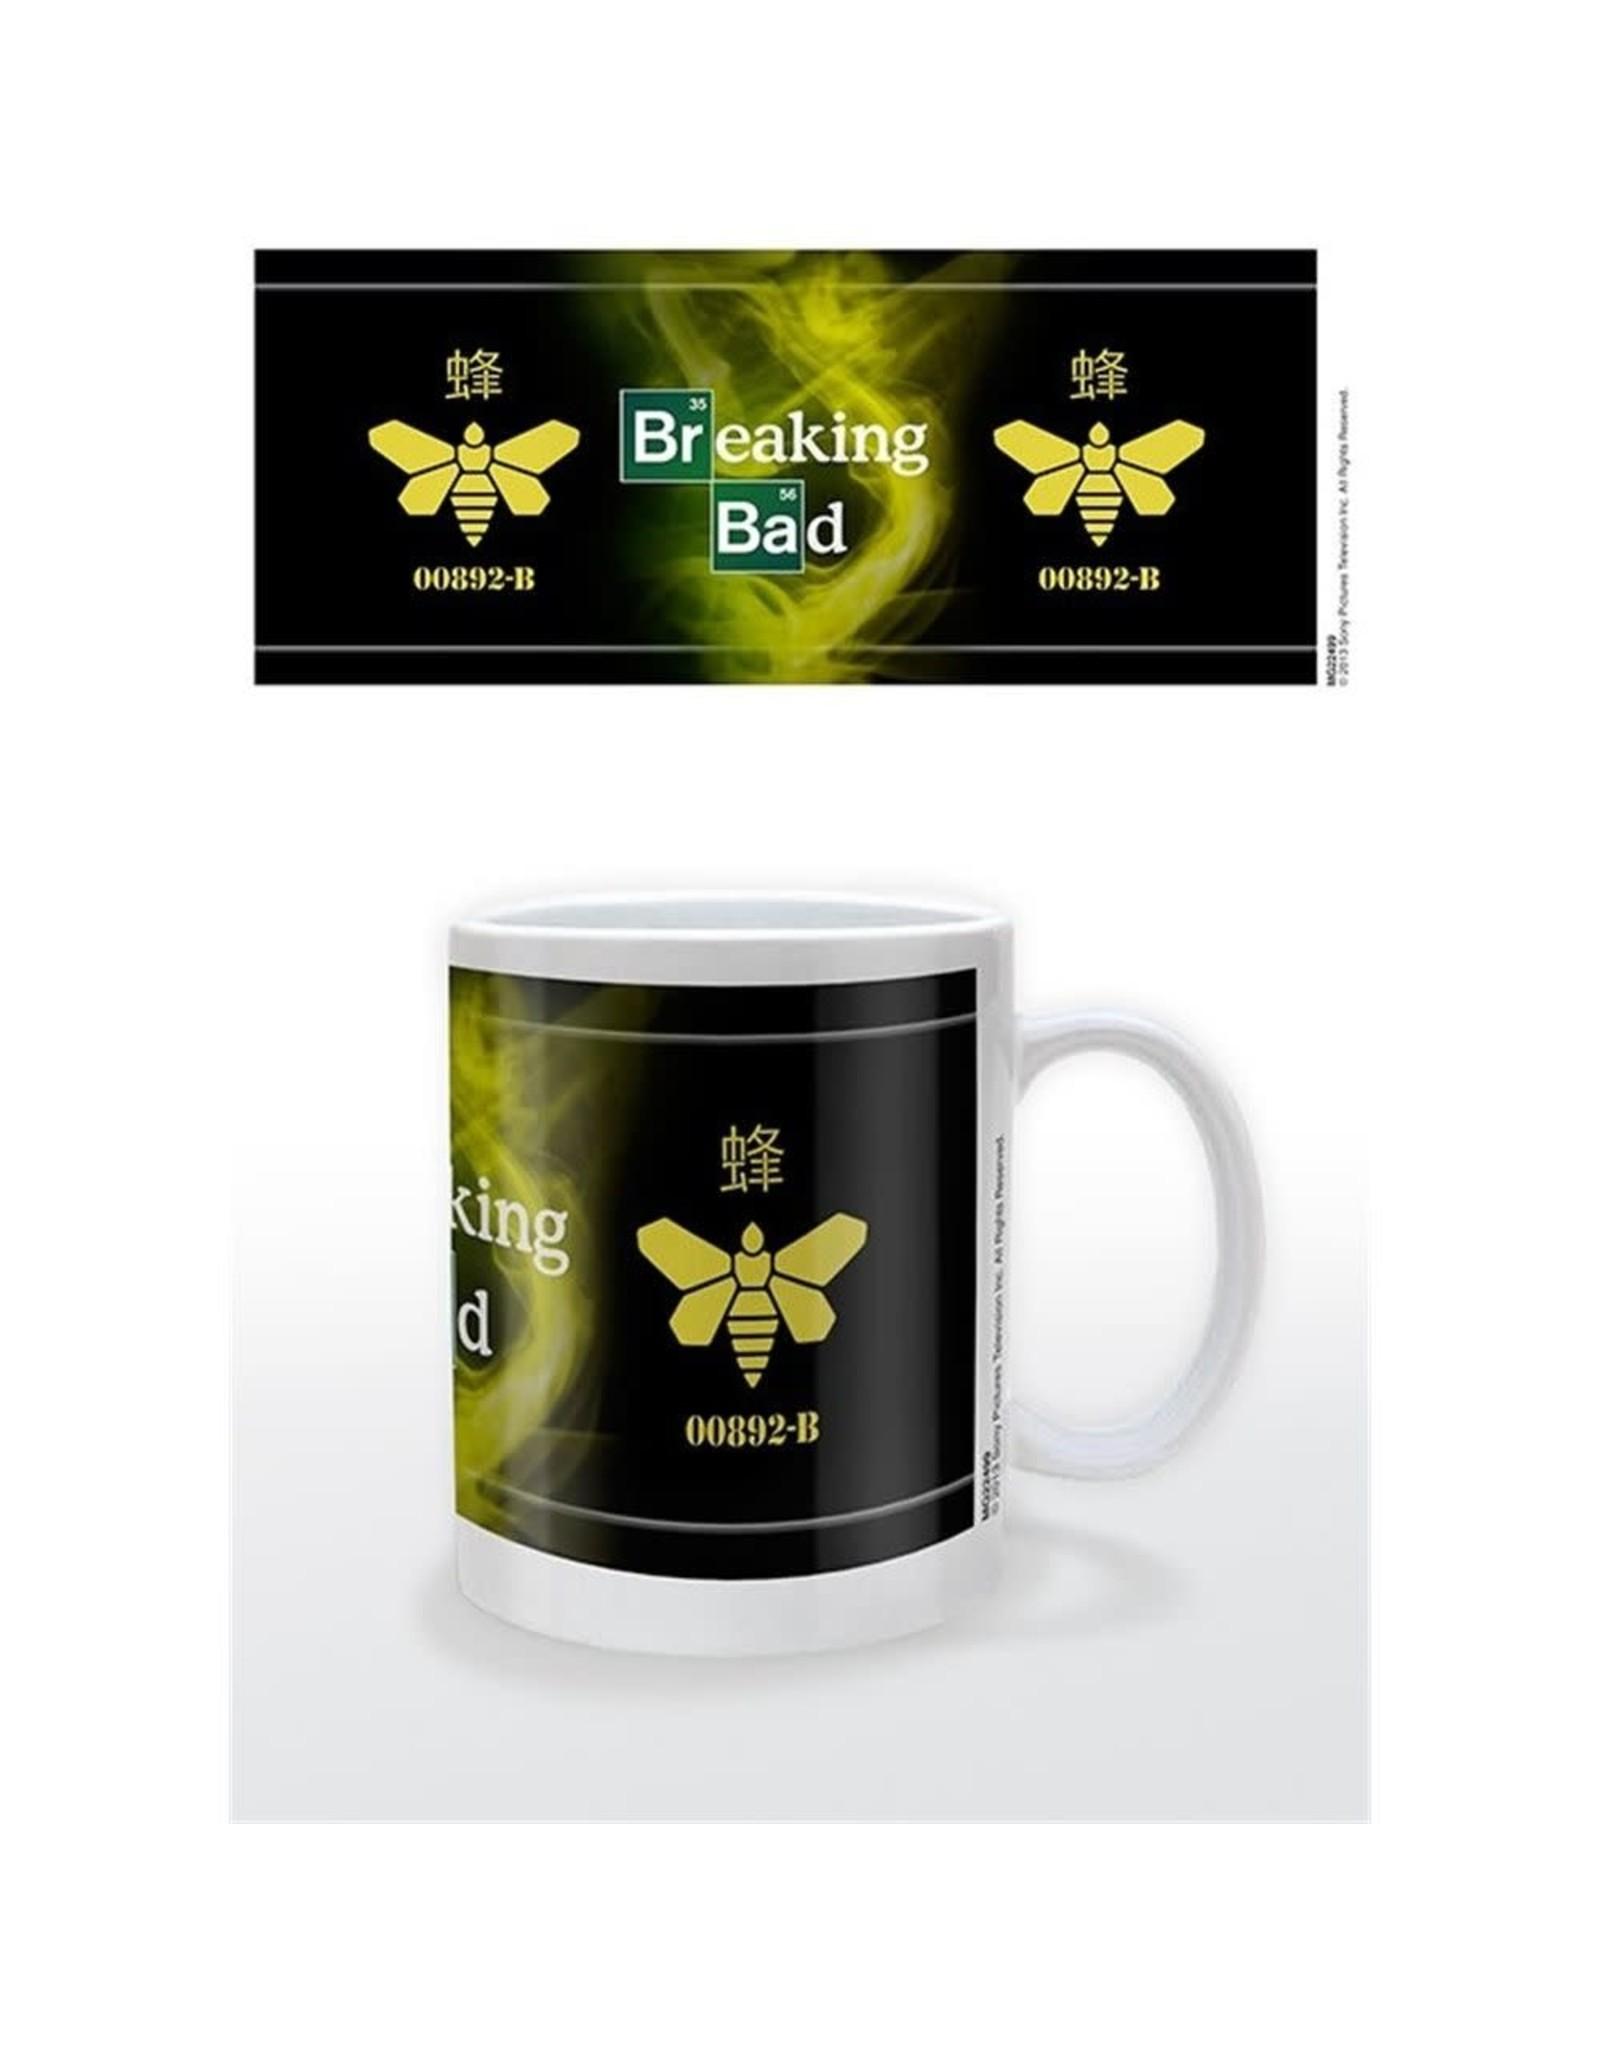 BREAKING BAD Mug 300 ml - Golden Moth